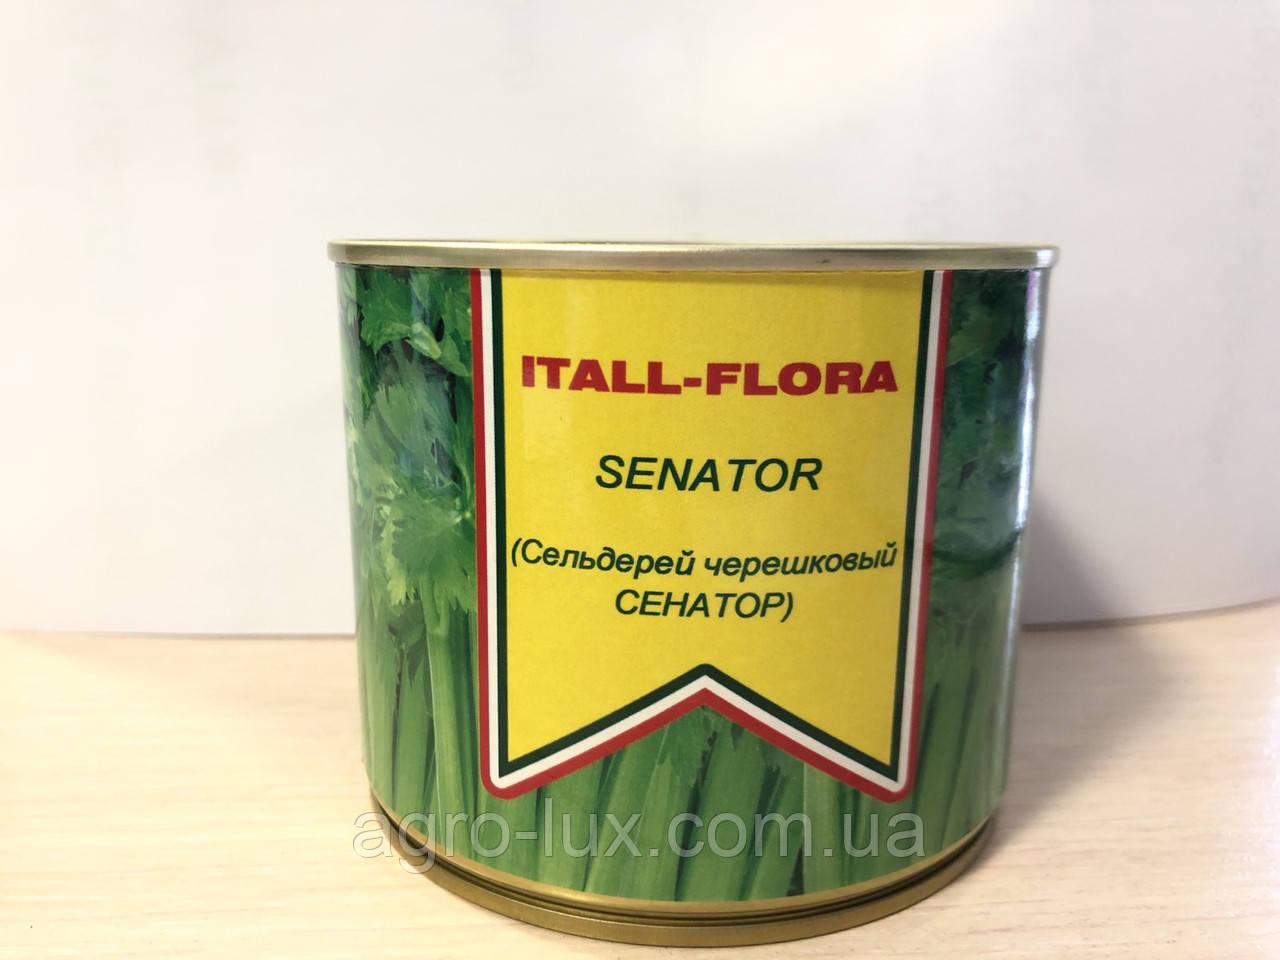 Семена сельдерей черешковый Сенатор 10г. (развес) Итал Флора